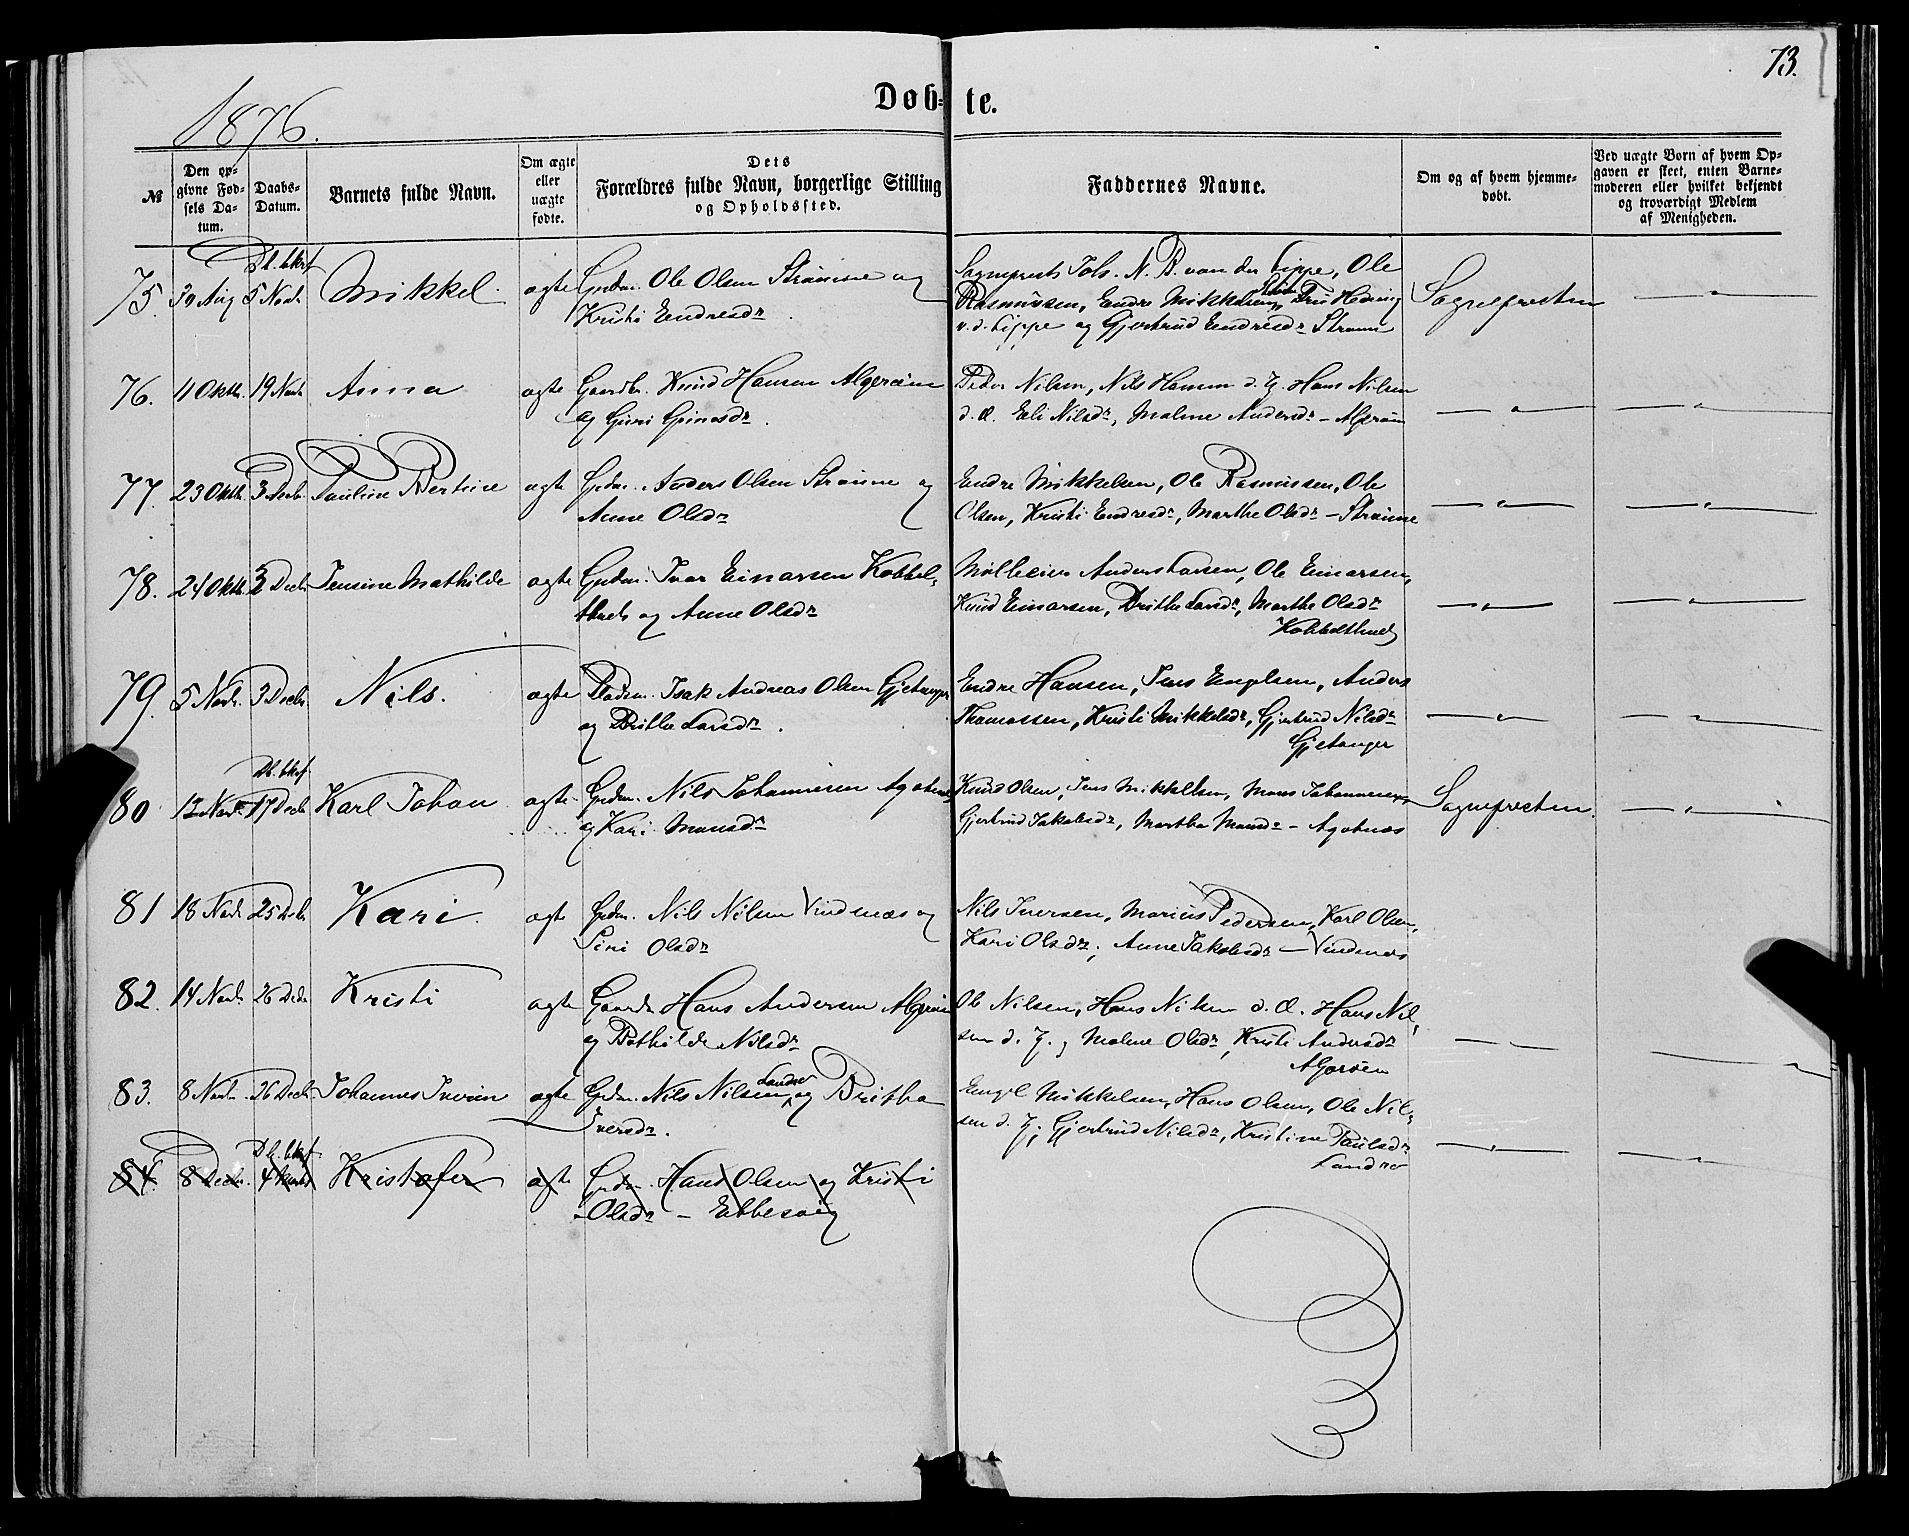 SAB, Fjell sokneprestembete, H/Haa: Ministerialbok nr. A 3, 1864-1877, s. 73